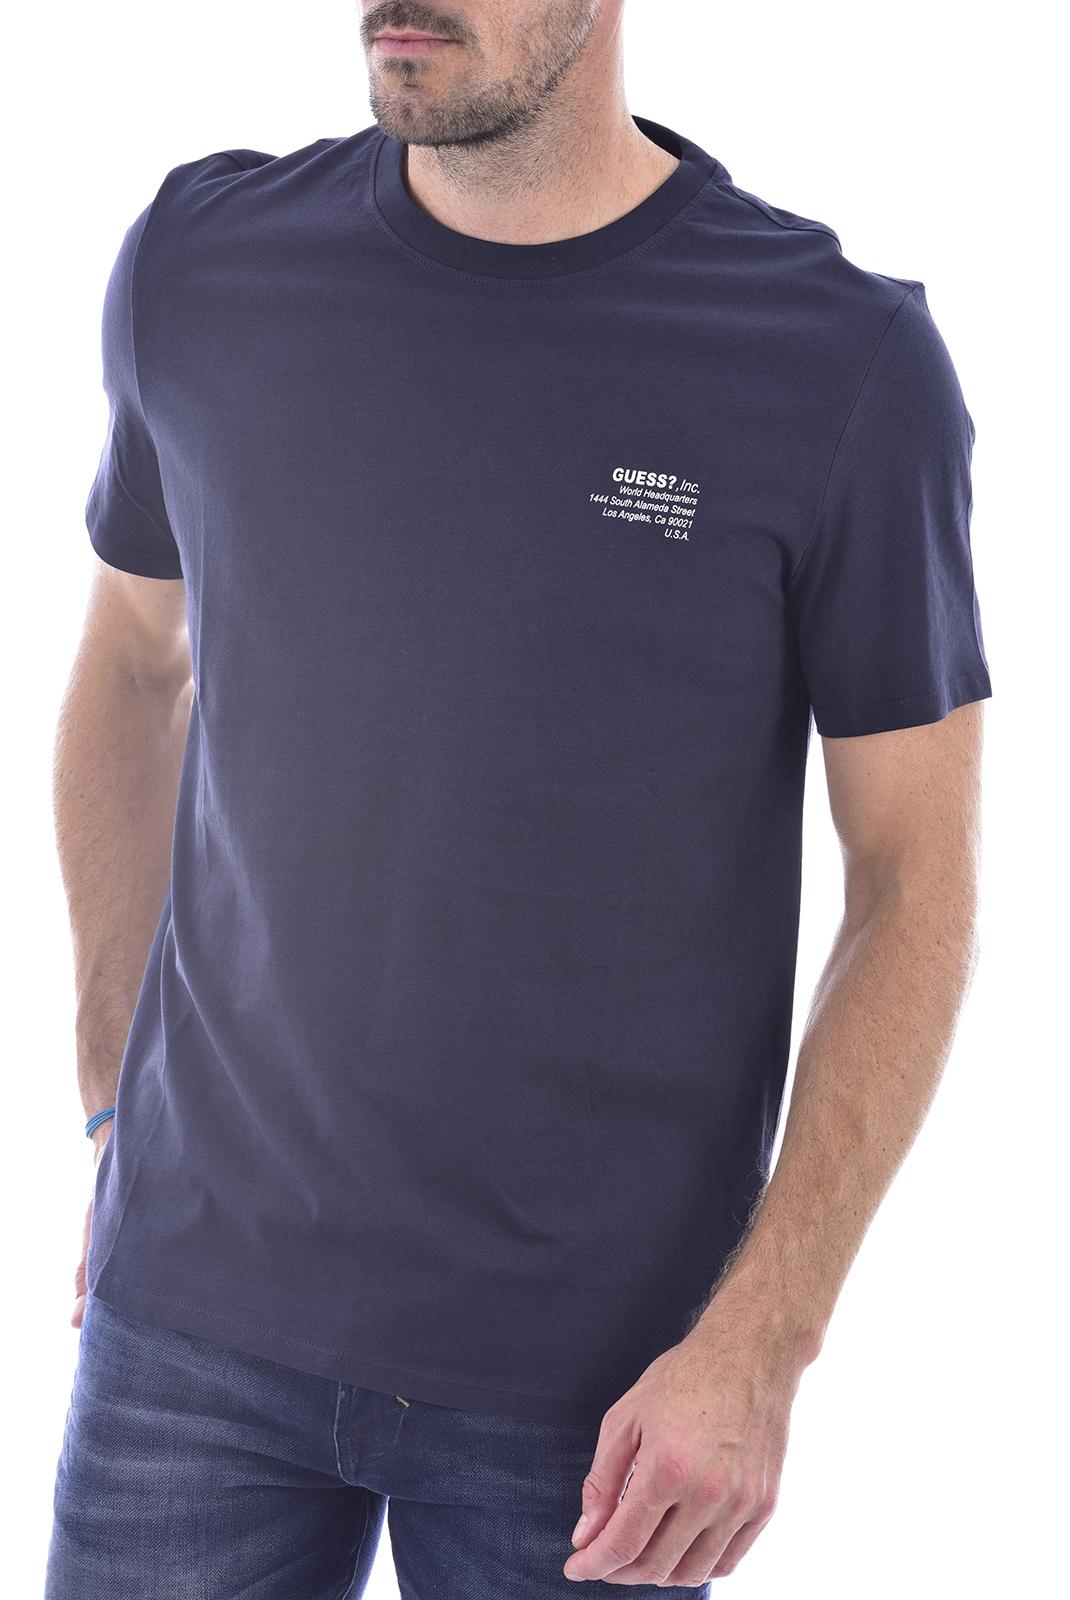 T-S manches courtes  Guess jeans M0BI66 K8HM0 G720 bleu